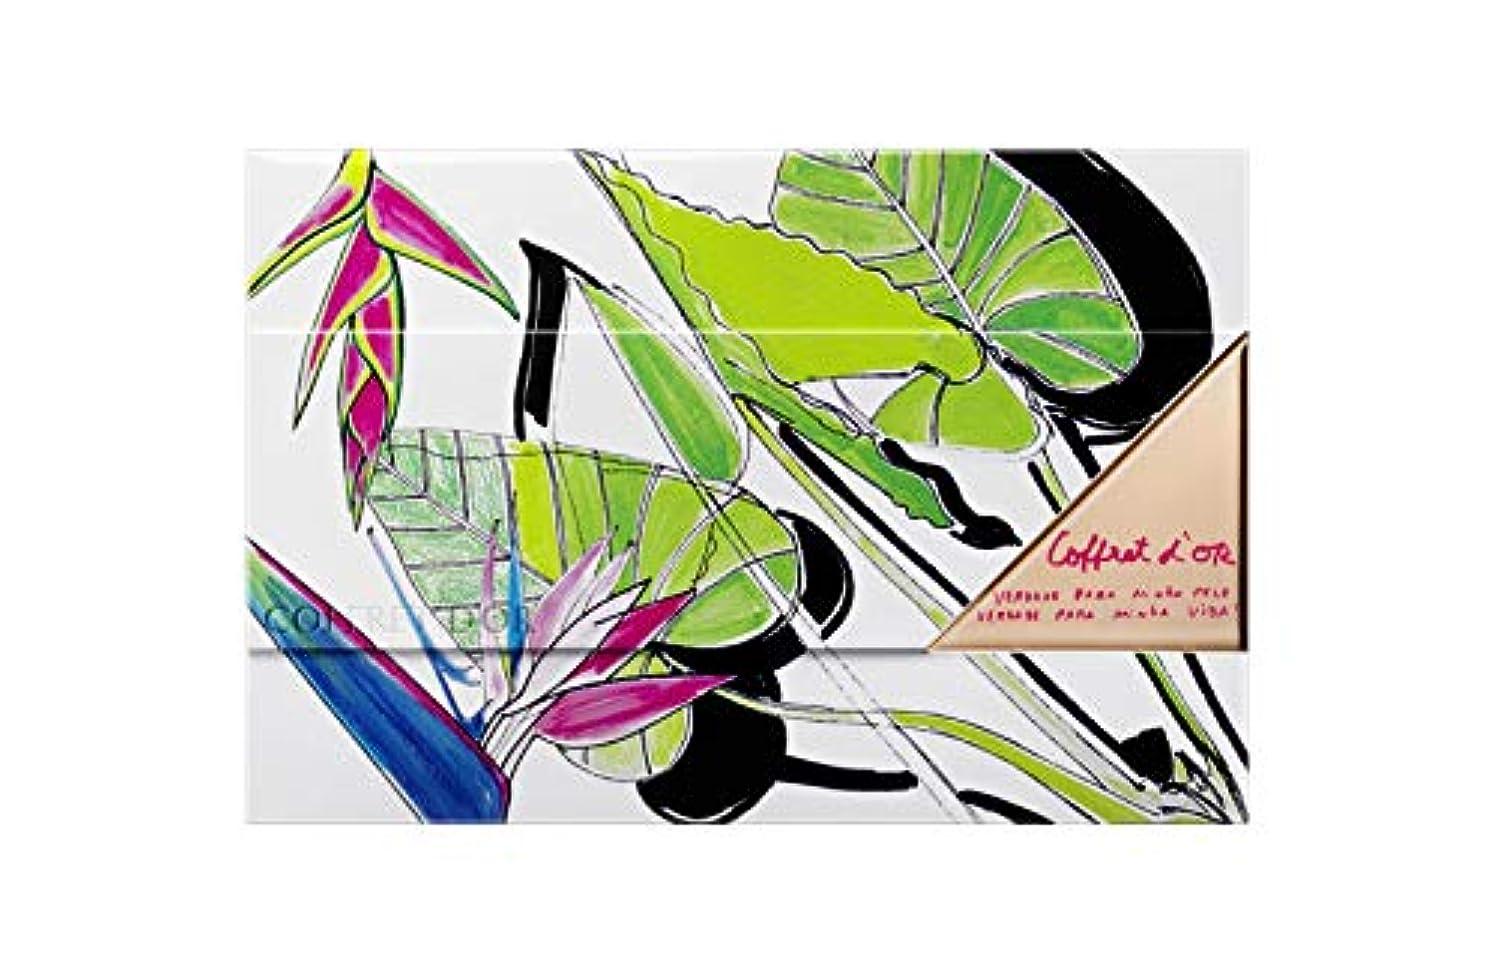 飲食店ジャングル補うコフレドール ヌーディカバー ロングキープパクトUV リミテッドセットf オークル-B PLAYED DESIGN 【LIKE NATURE】 SPF20 ?PA++ ファンデーション(パクト)